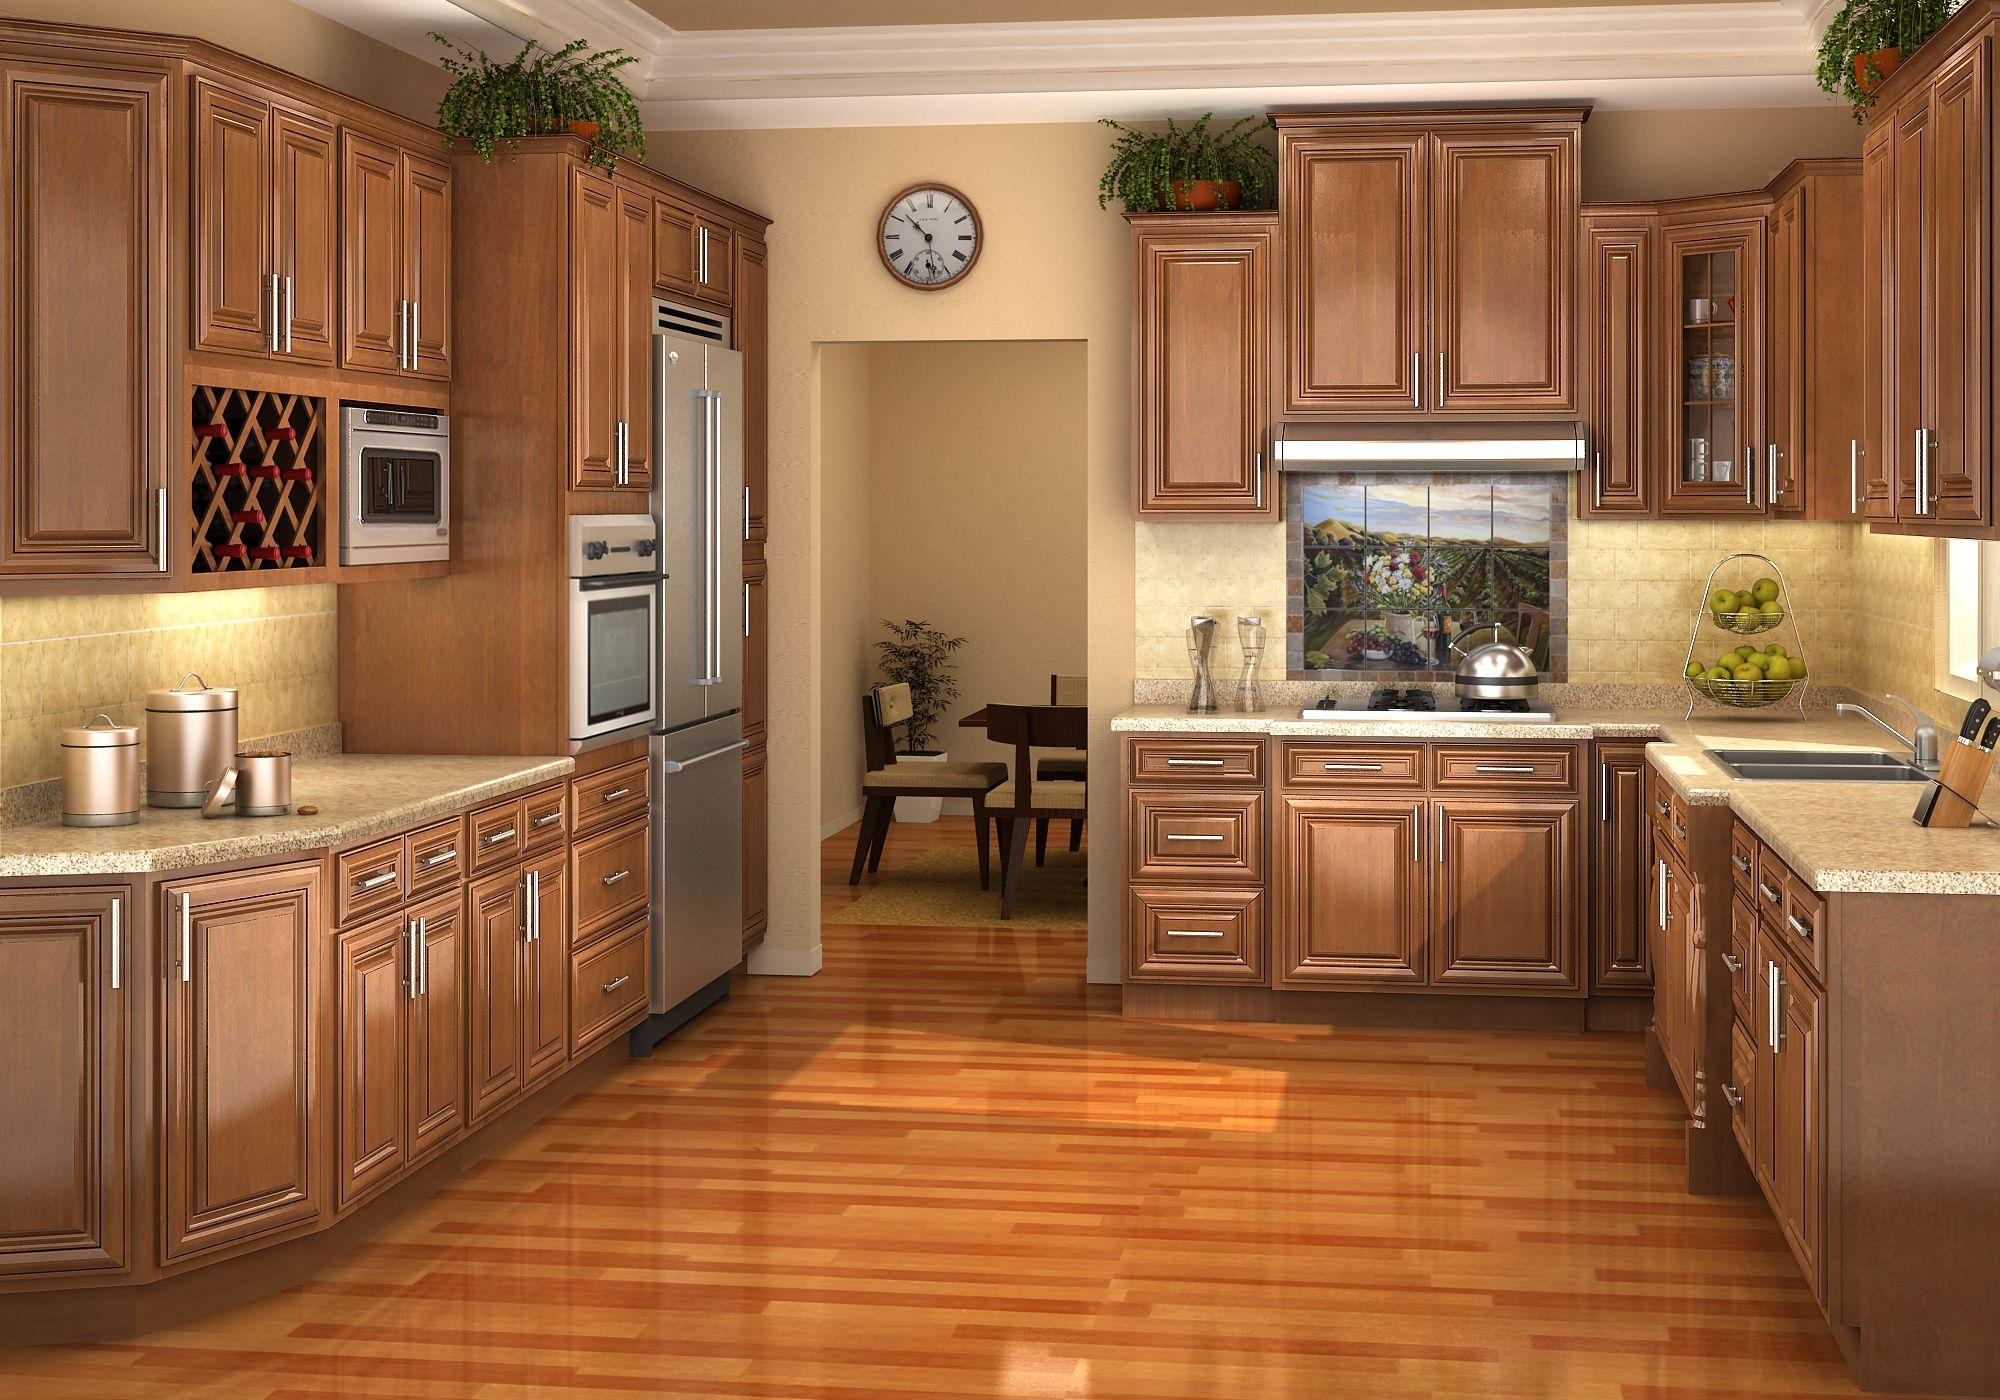 Unique American Oak Kitchen Cabinets Mit Bildern Kuchenumbau Ahorn Kuchenschranke Kuche Farbideen